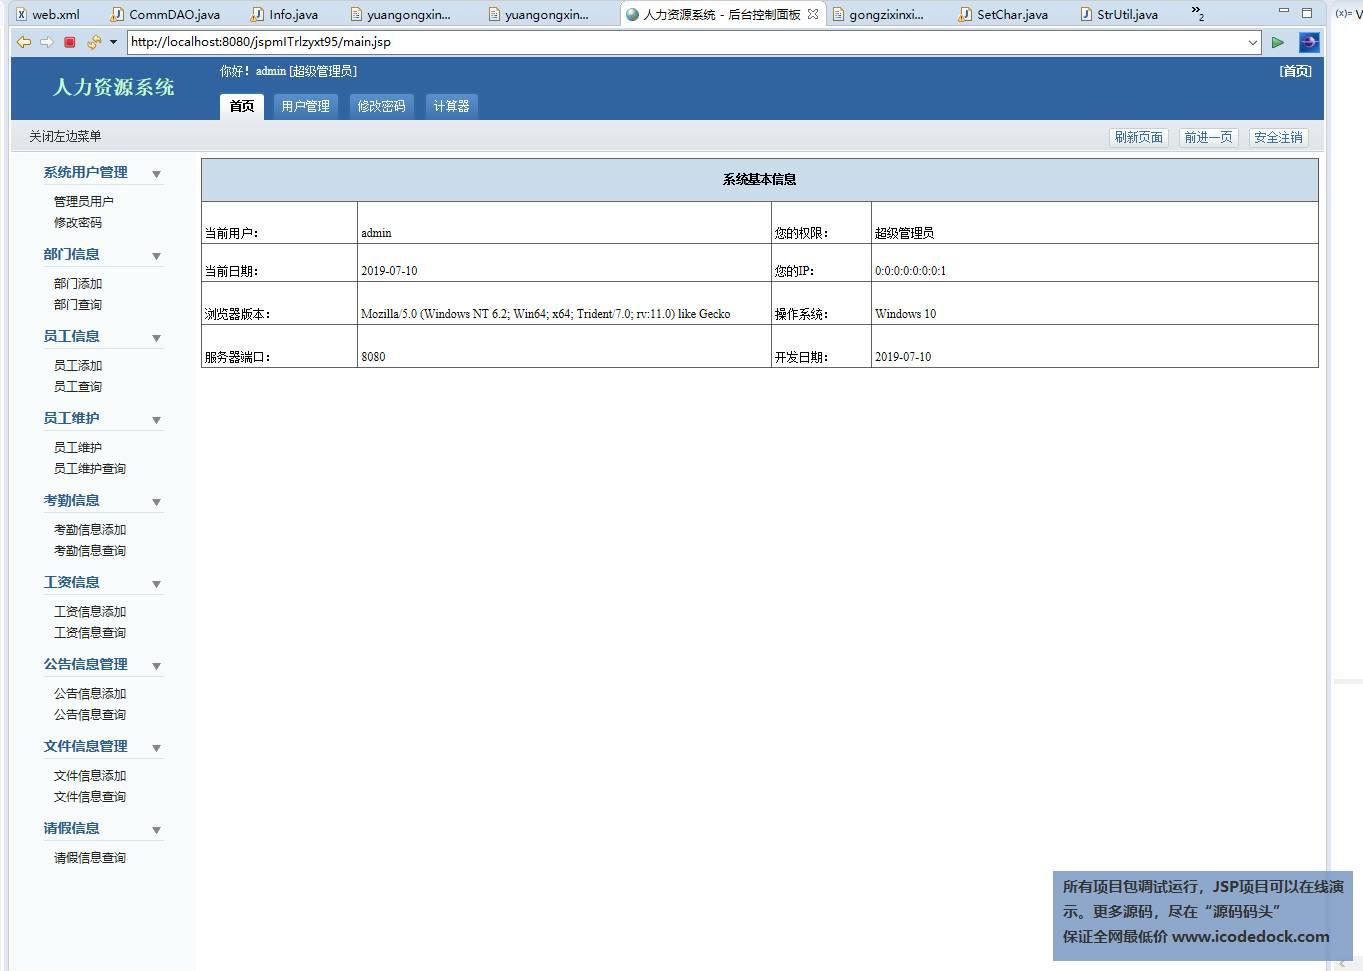 源码码头-JSP人事管理系统-管理员角色-首页